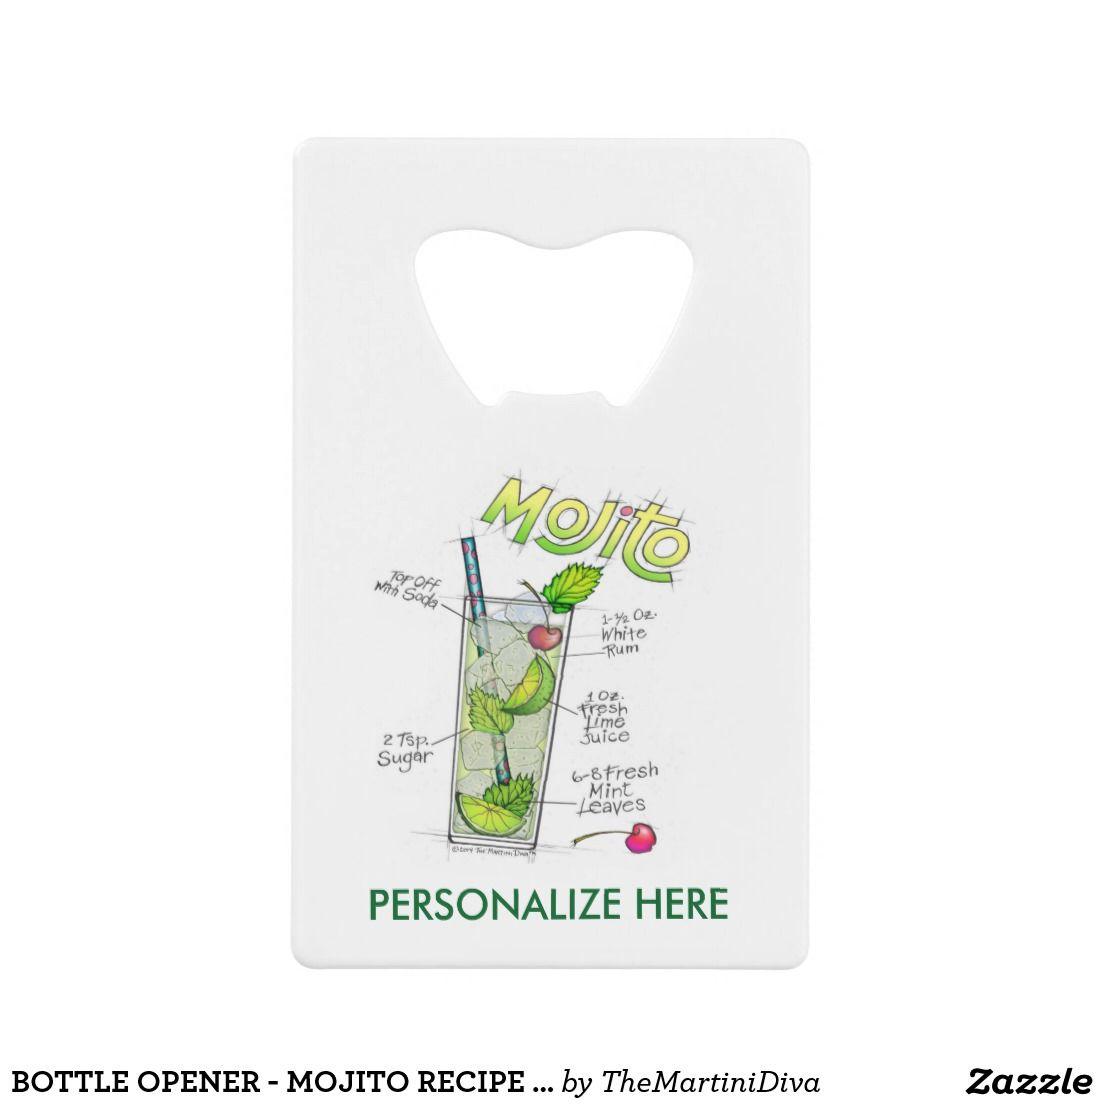 Bottle Opener Mojito Recipe Cocktail Art Zazzle Com Mojito Recipe Cocktail Art Mojito